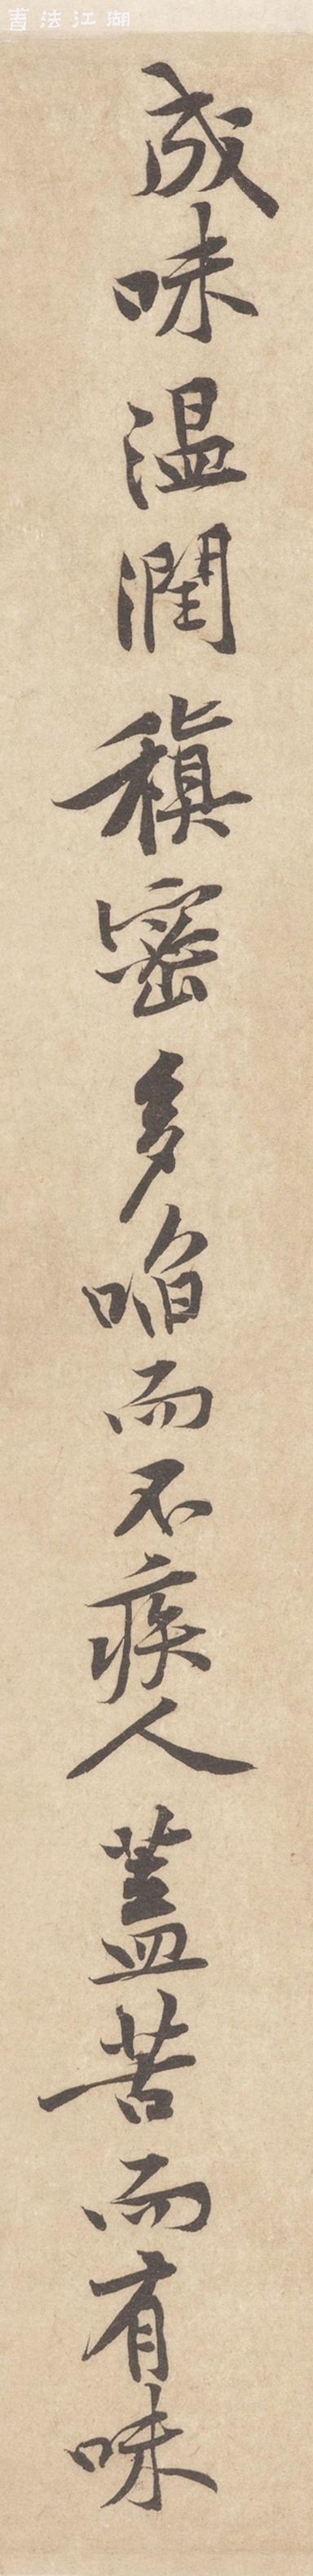 黄庭坚-苦笋赋03.jpg